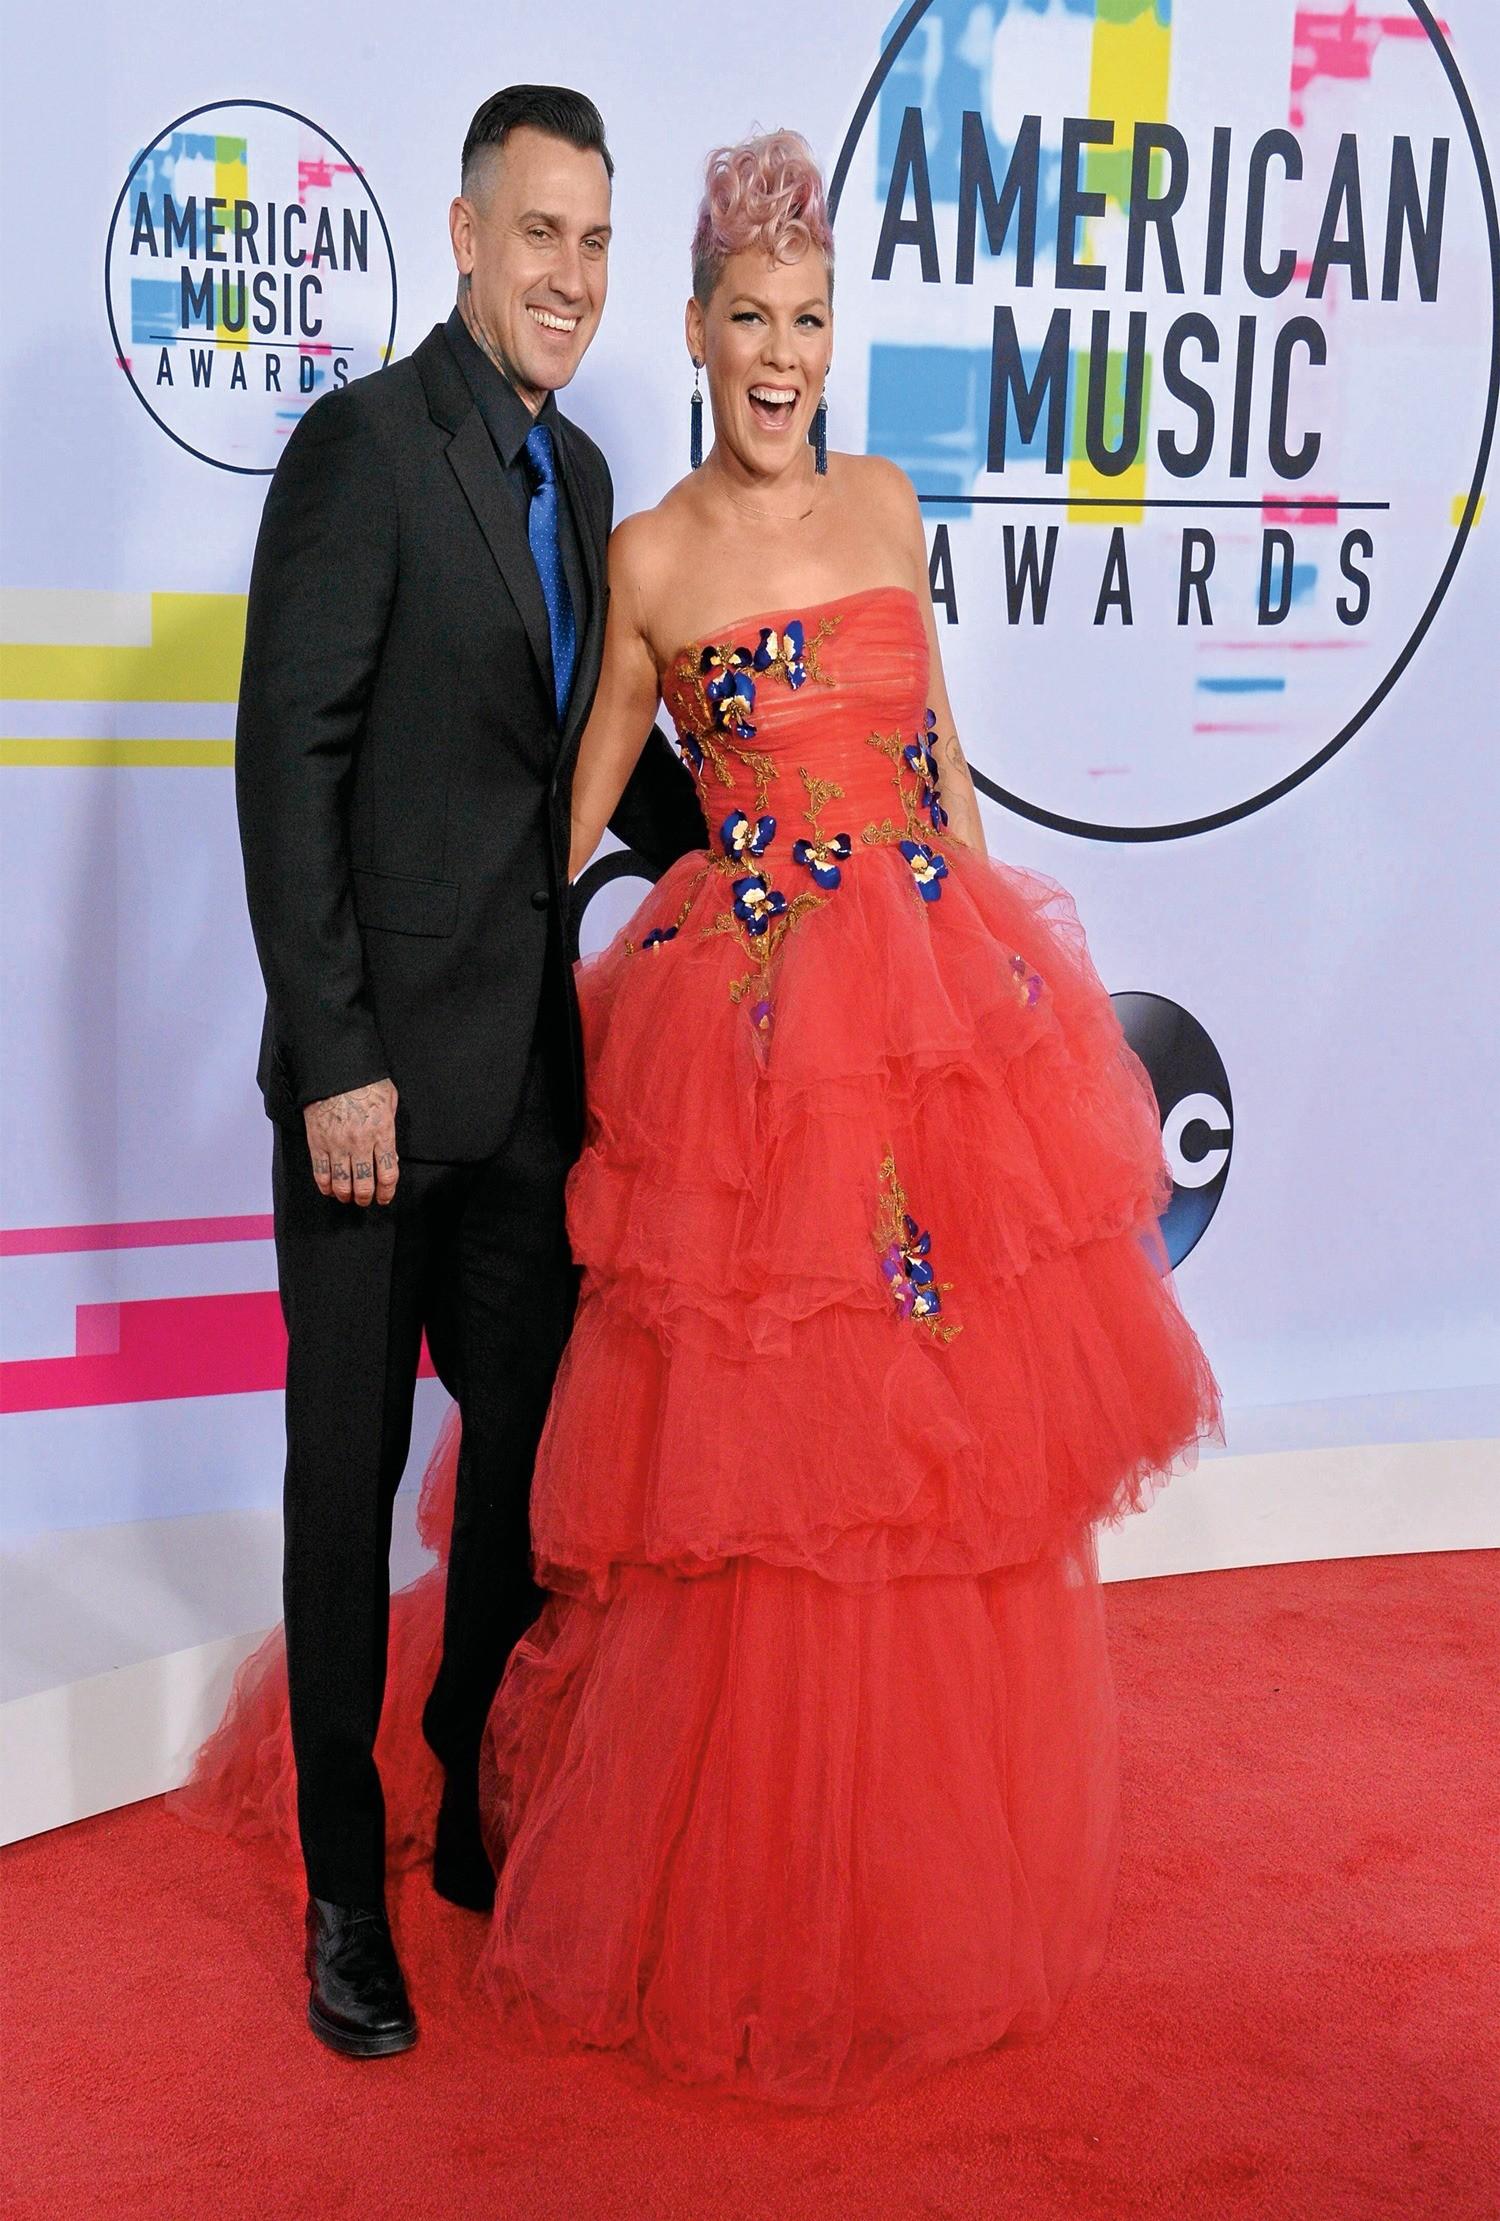 Отношения певицы и мотогонщика с самого начала развивались по непростому сценарию. Пинк с Кэри поженились в январе 2006 года, но в 2008 году после двух лет брака пара распалась.